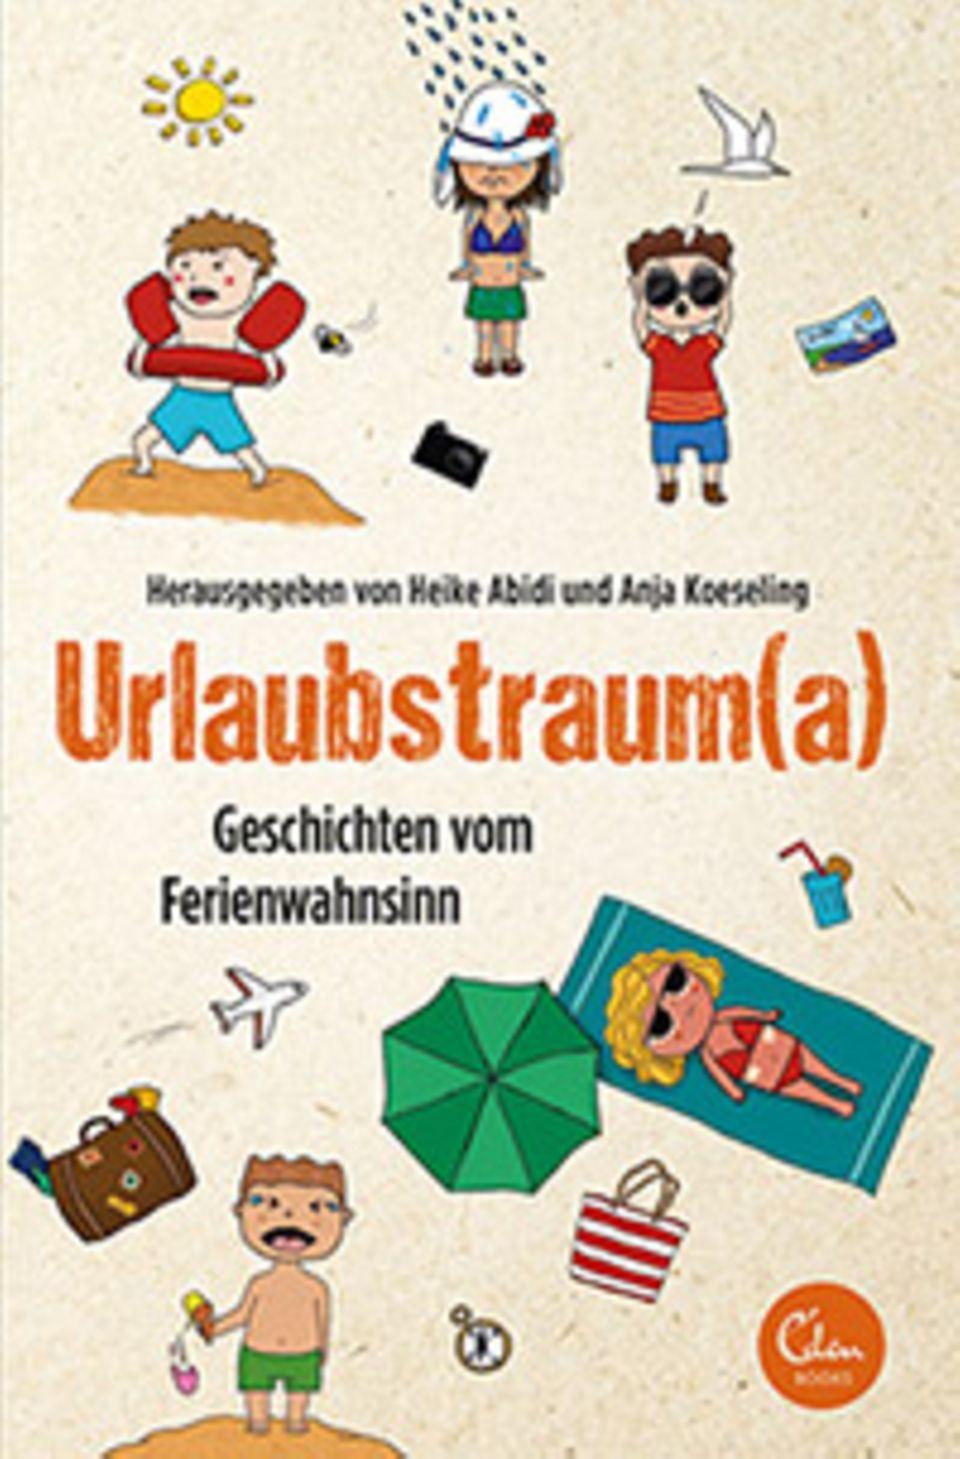 """Buchauszug: """"Urlaubstraum(a)"""", Texte auf Deutsch, 336 Seiten, 9,95 €, erschienen bei Eden Books, www.edel.com"""